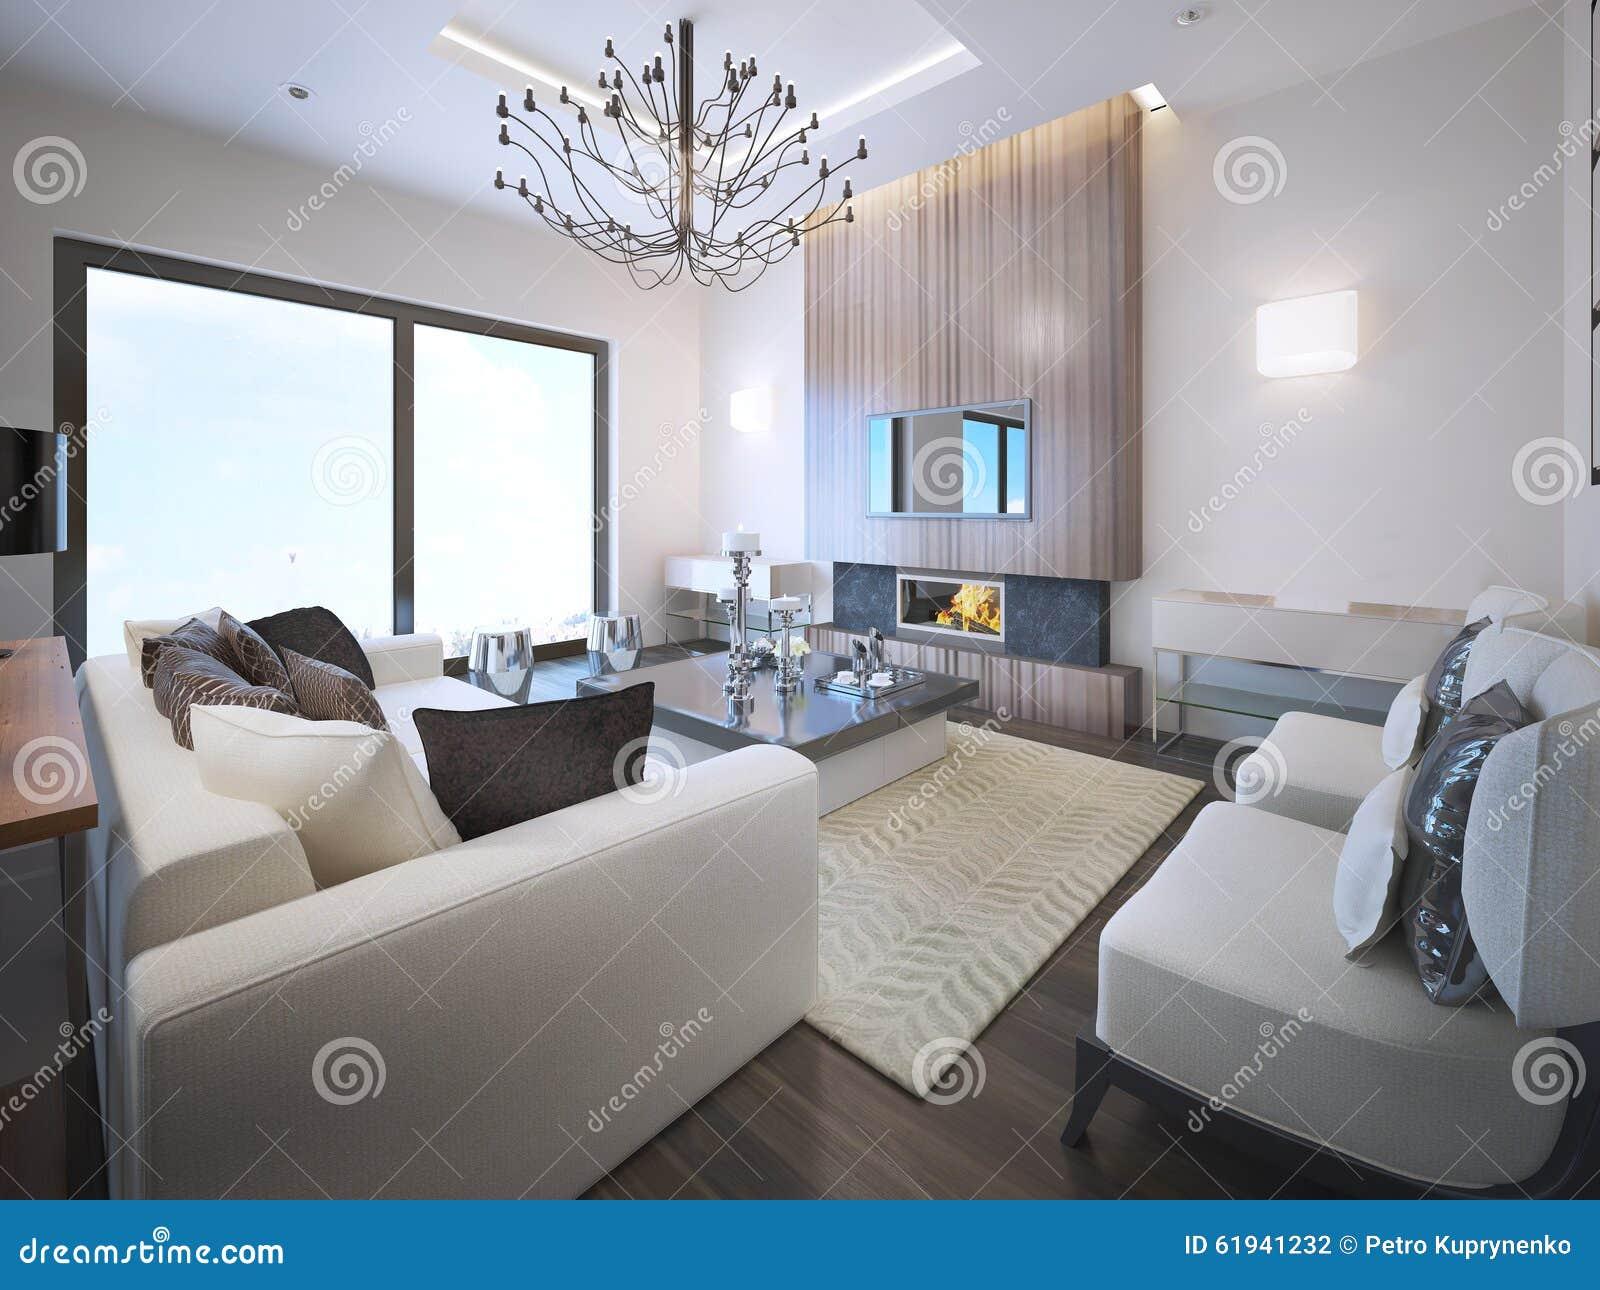 Avantgarde Living Room Trend Stock Illustration Image - Avant garde living rooms